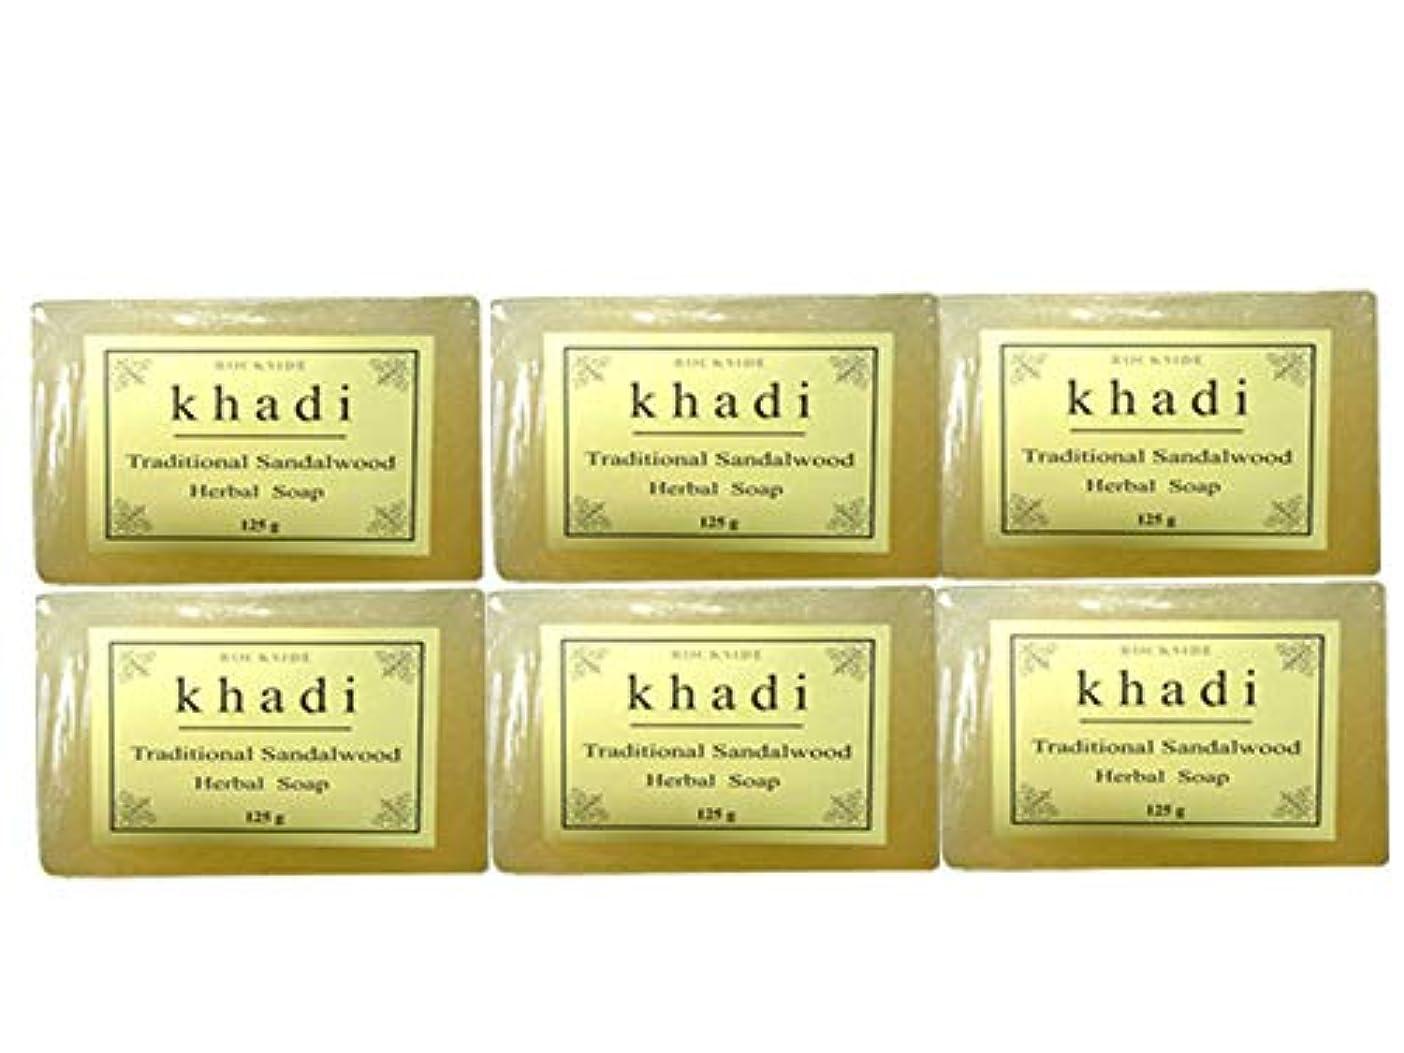 警戒設置郵便局手作り カーディ サンダルウッド ソープKhadi Traditional Sandalwood Soap 6個セット